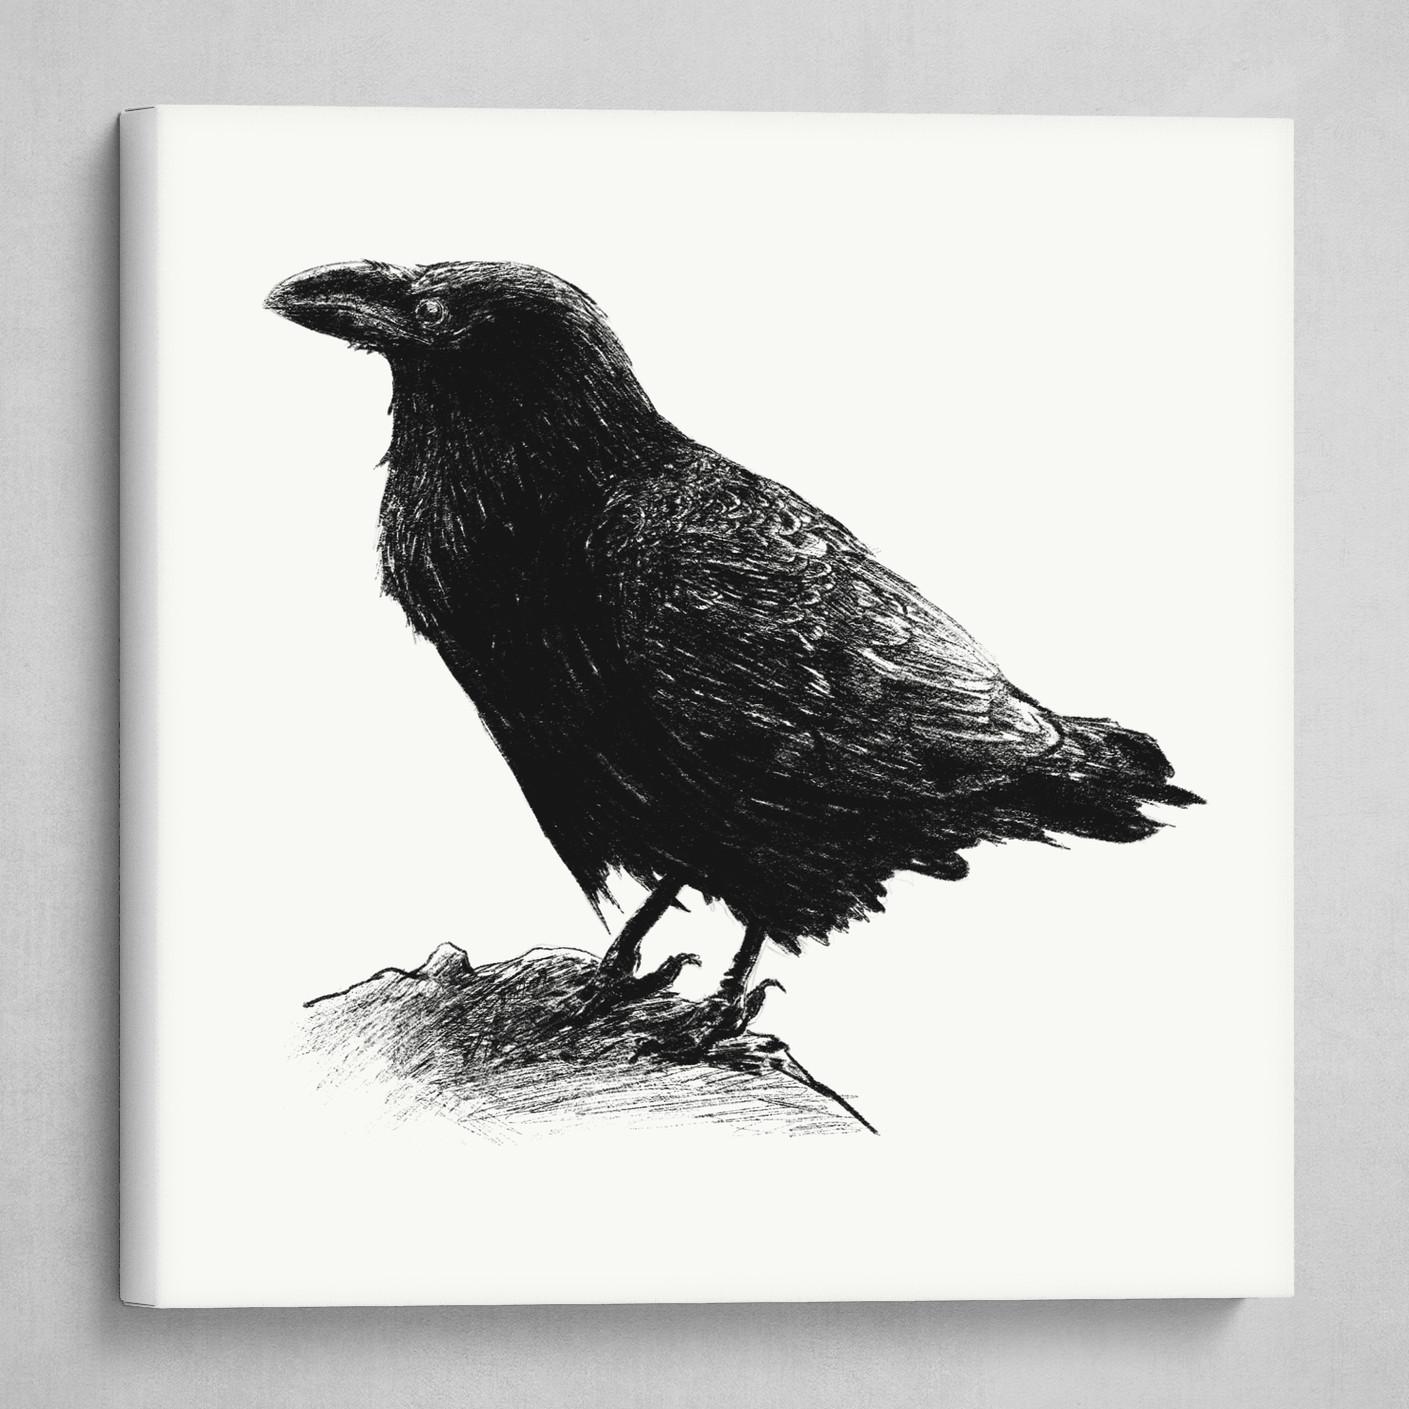 Inky Crow